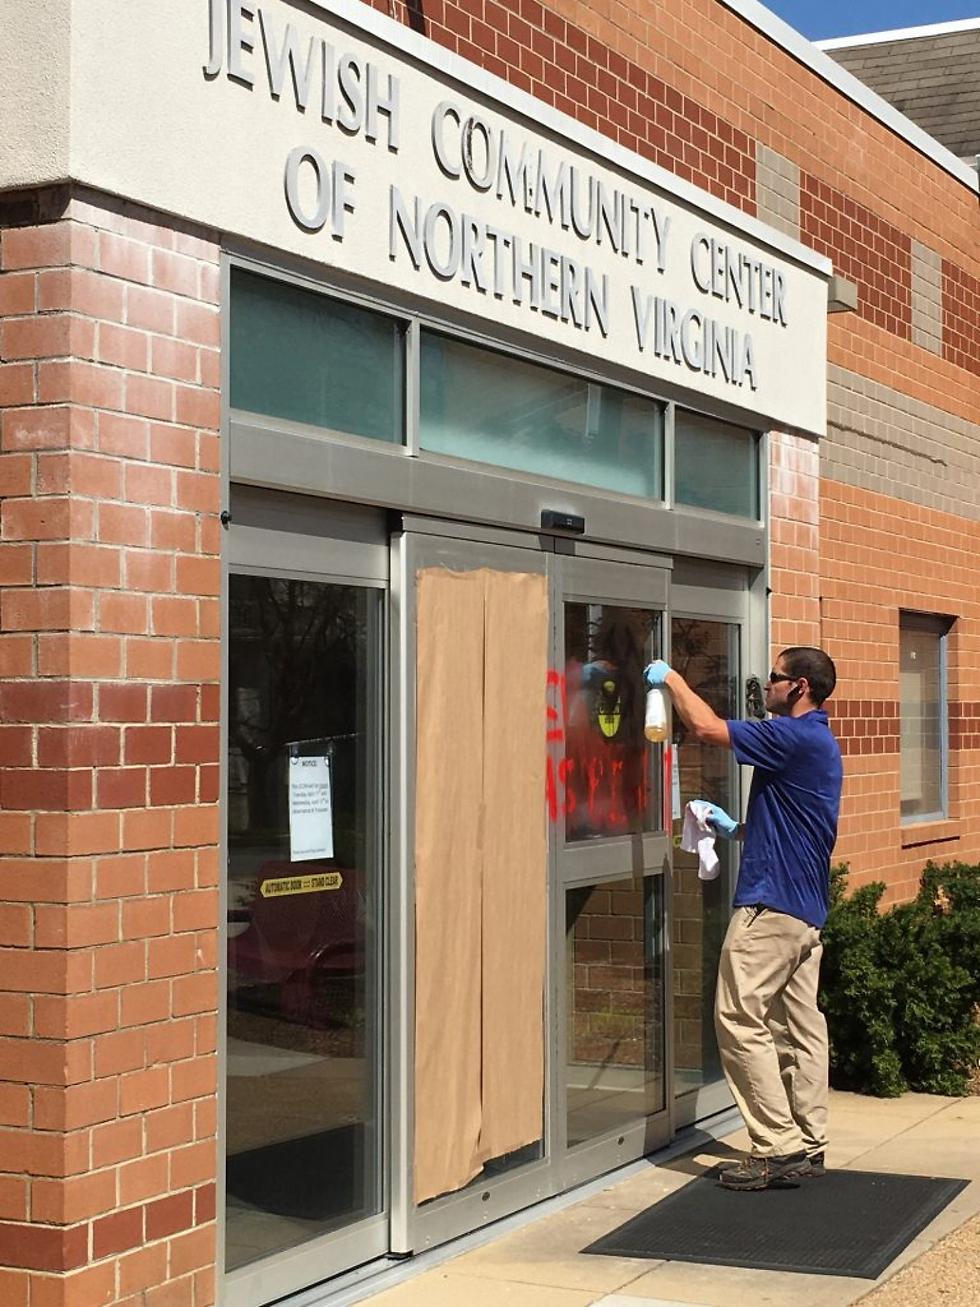 צלבי קרס על מרכז יהודי בווירג'יניה (צילום: JCCNV)